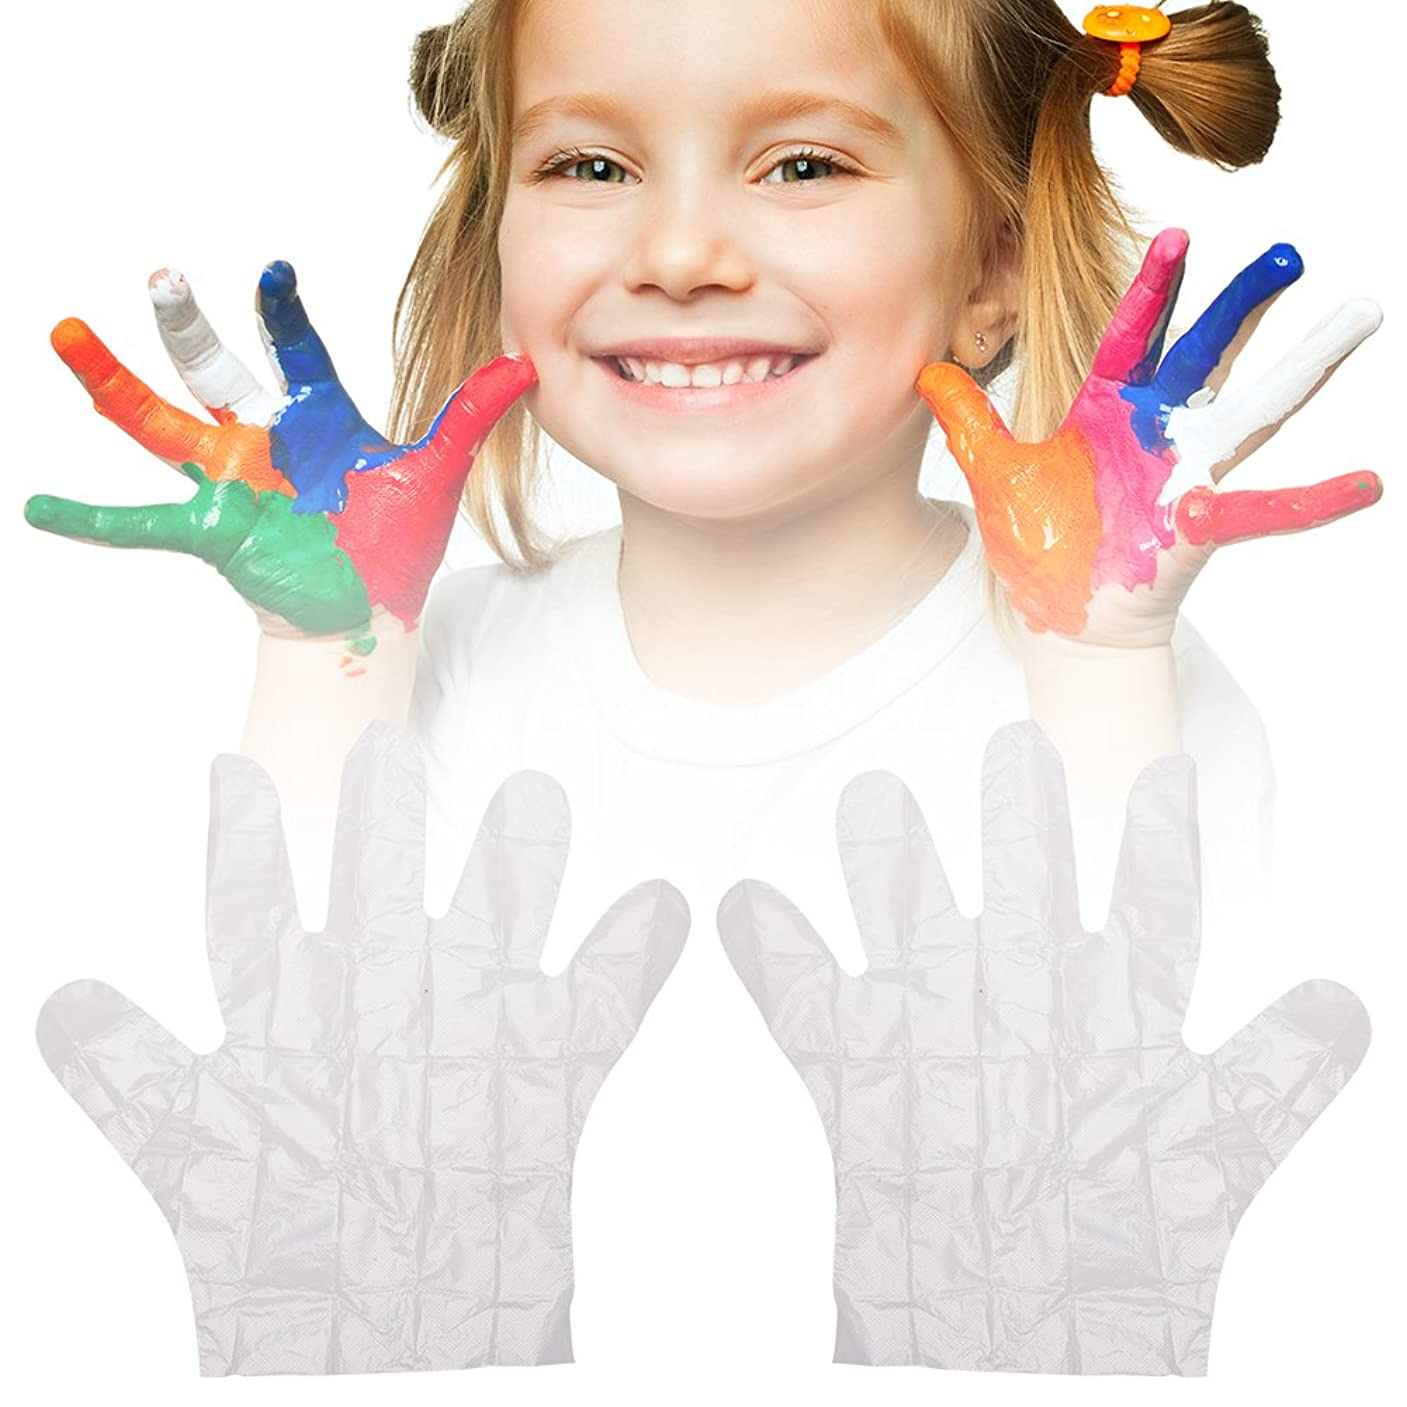 シールドマスタード多様な卓仕朗 手袋使い捨て 子供用 使い捨て手袋 キッズ専用 食品 調理 キッチン用品 透明 手袋 200枚